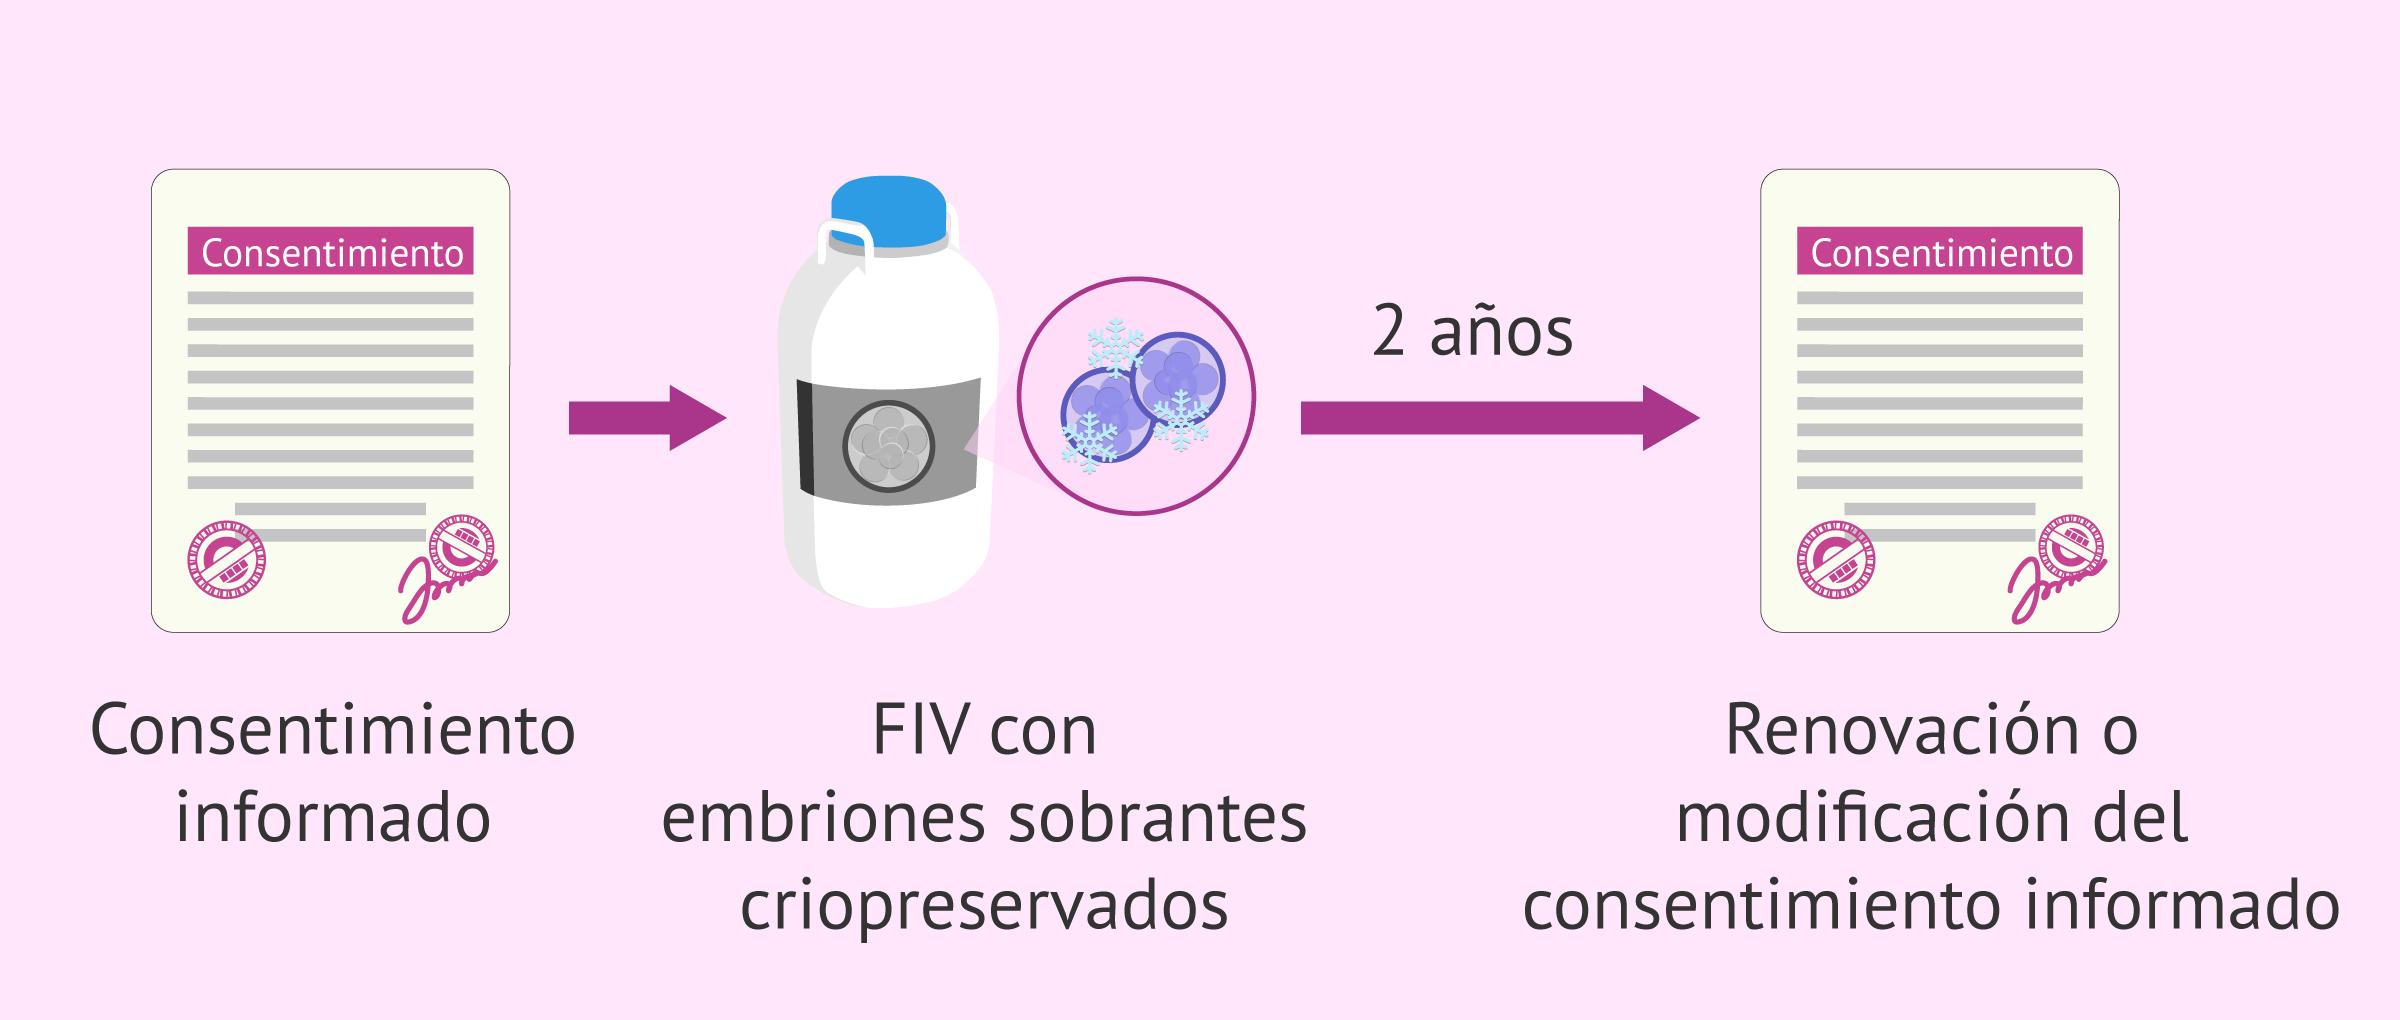 Consentimiento informado sobre el destino de los embriones sobrantes